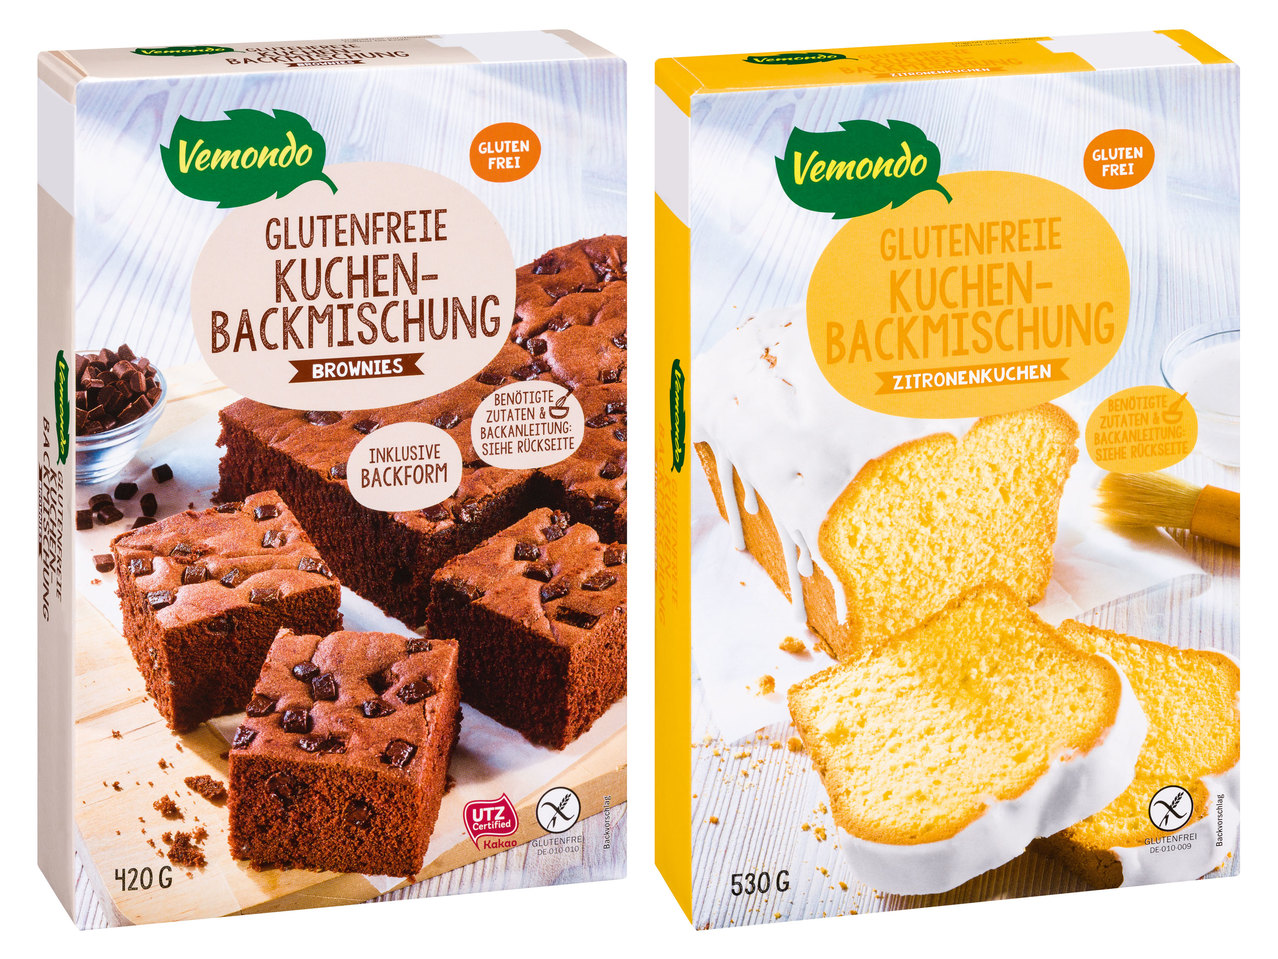 Vemondo Glutenfreie Kuchen Backmischung Lidl Osterreich Archiv